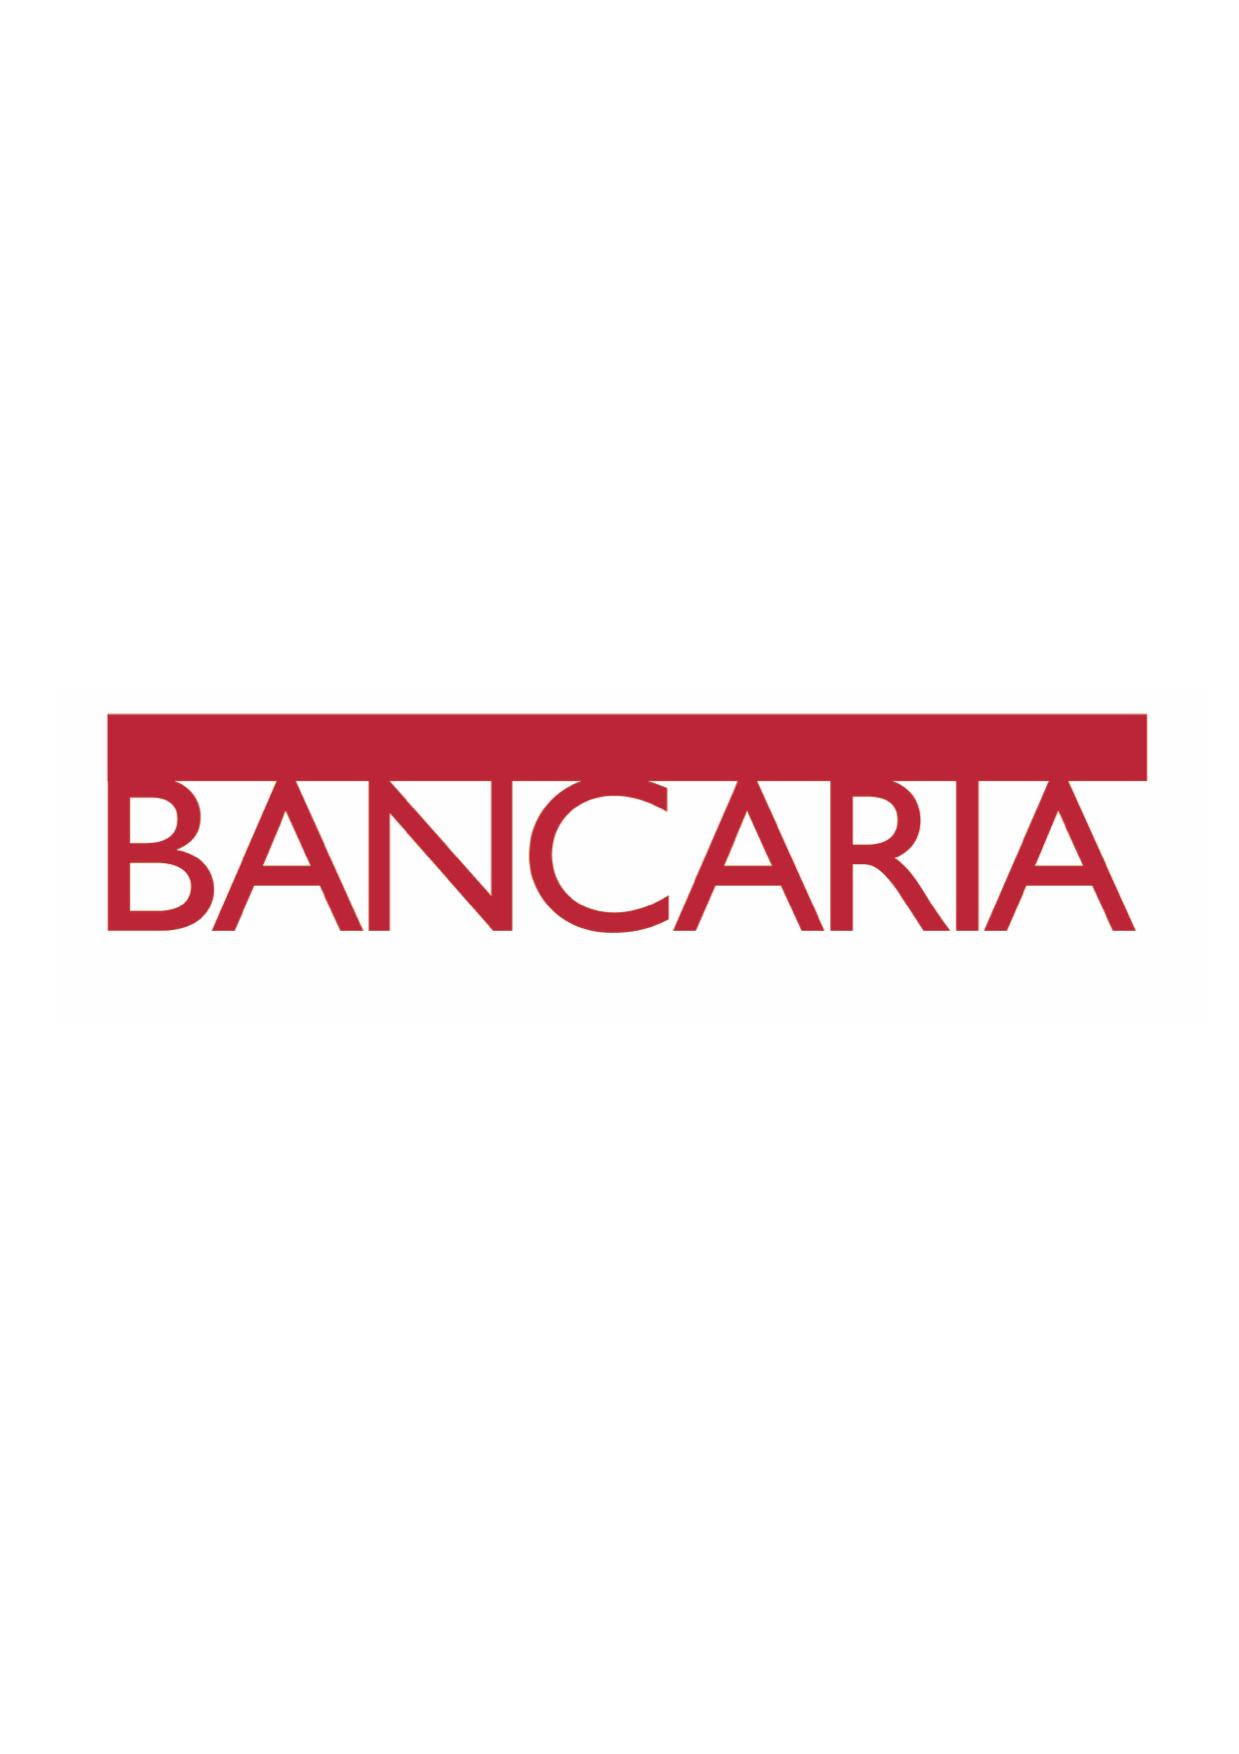 Bancaria - Supervision, Risks & Profitability 2019